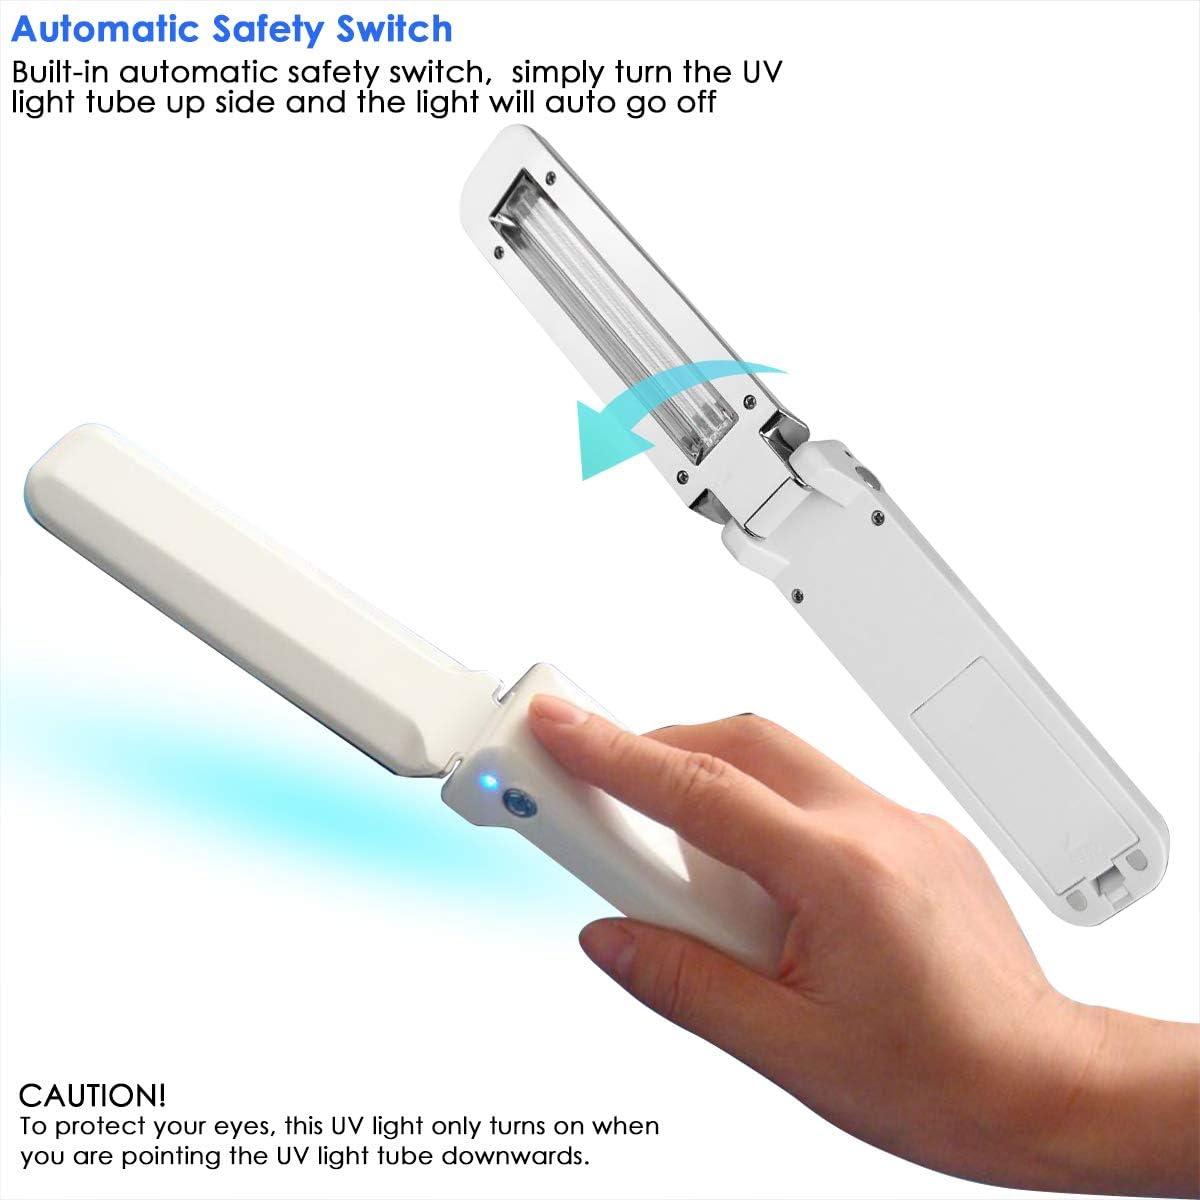 Camidy UVC Handheld Desinfektionslicht Reise Tragbare UV-Licht f/ür Hotelhaushalt B/üro im Freien